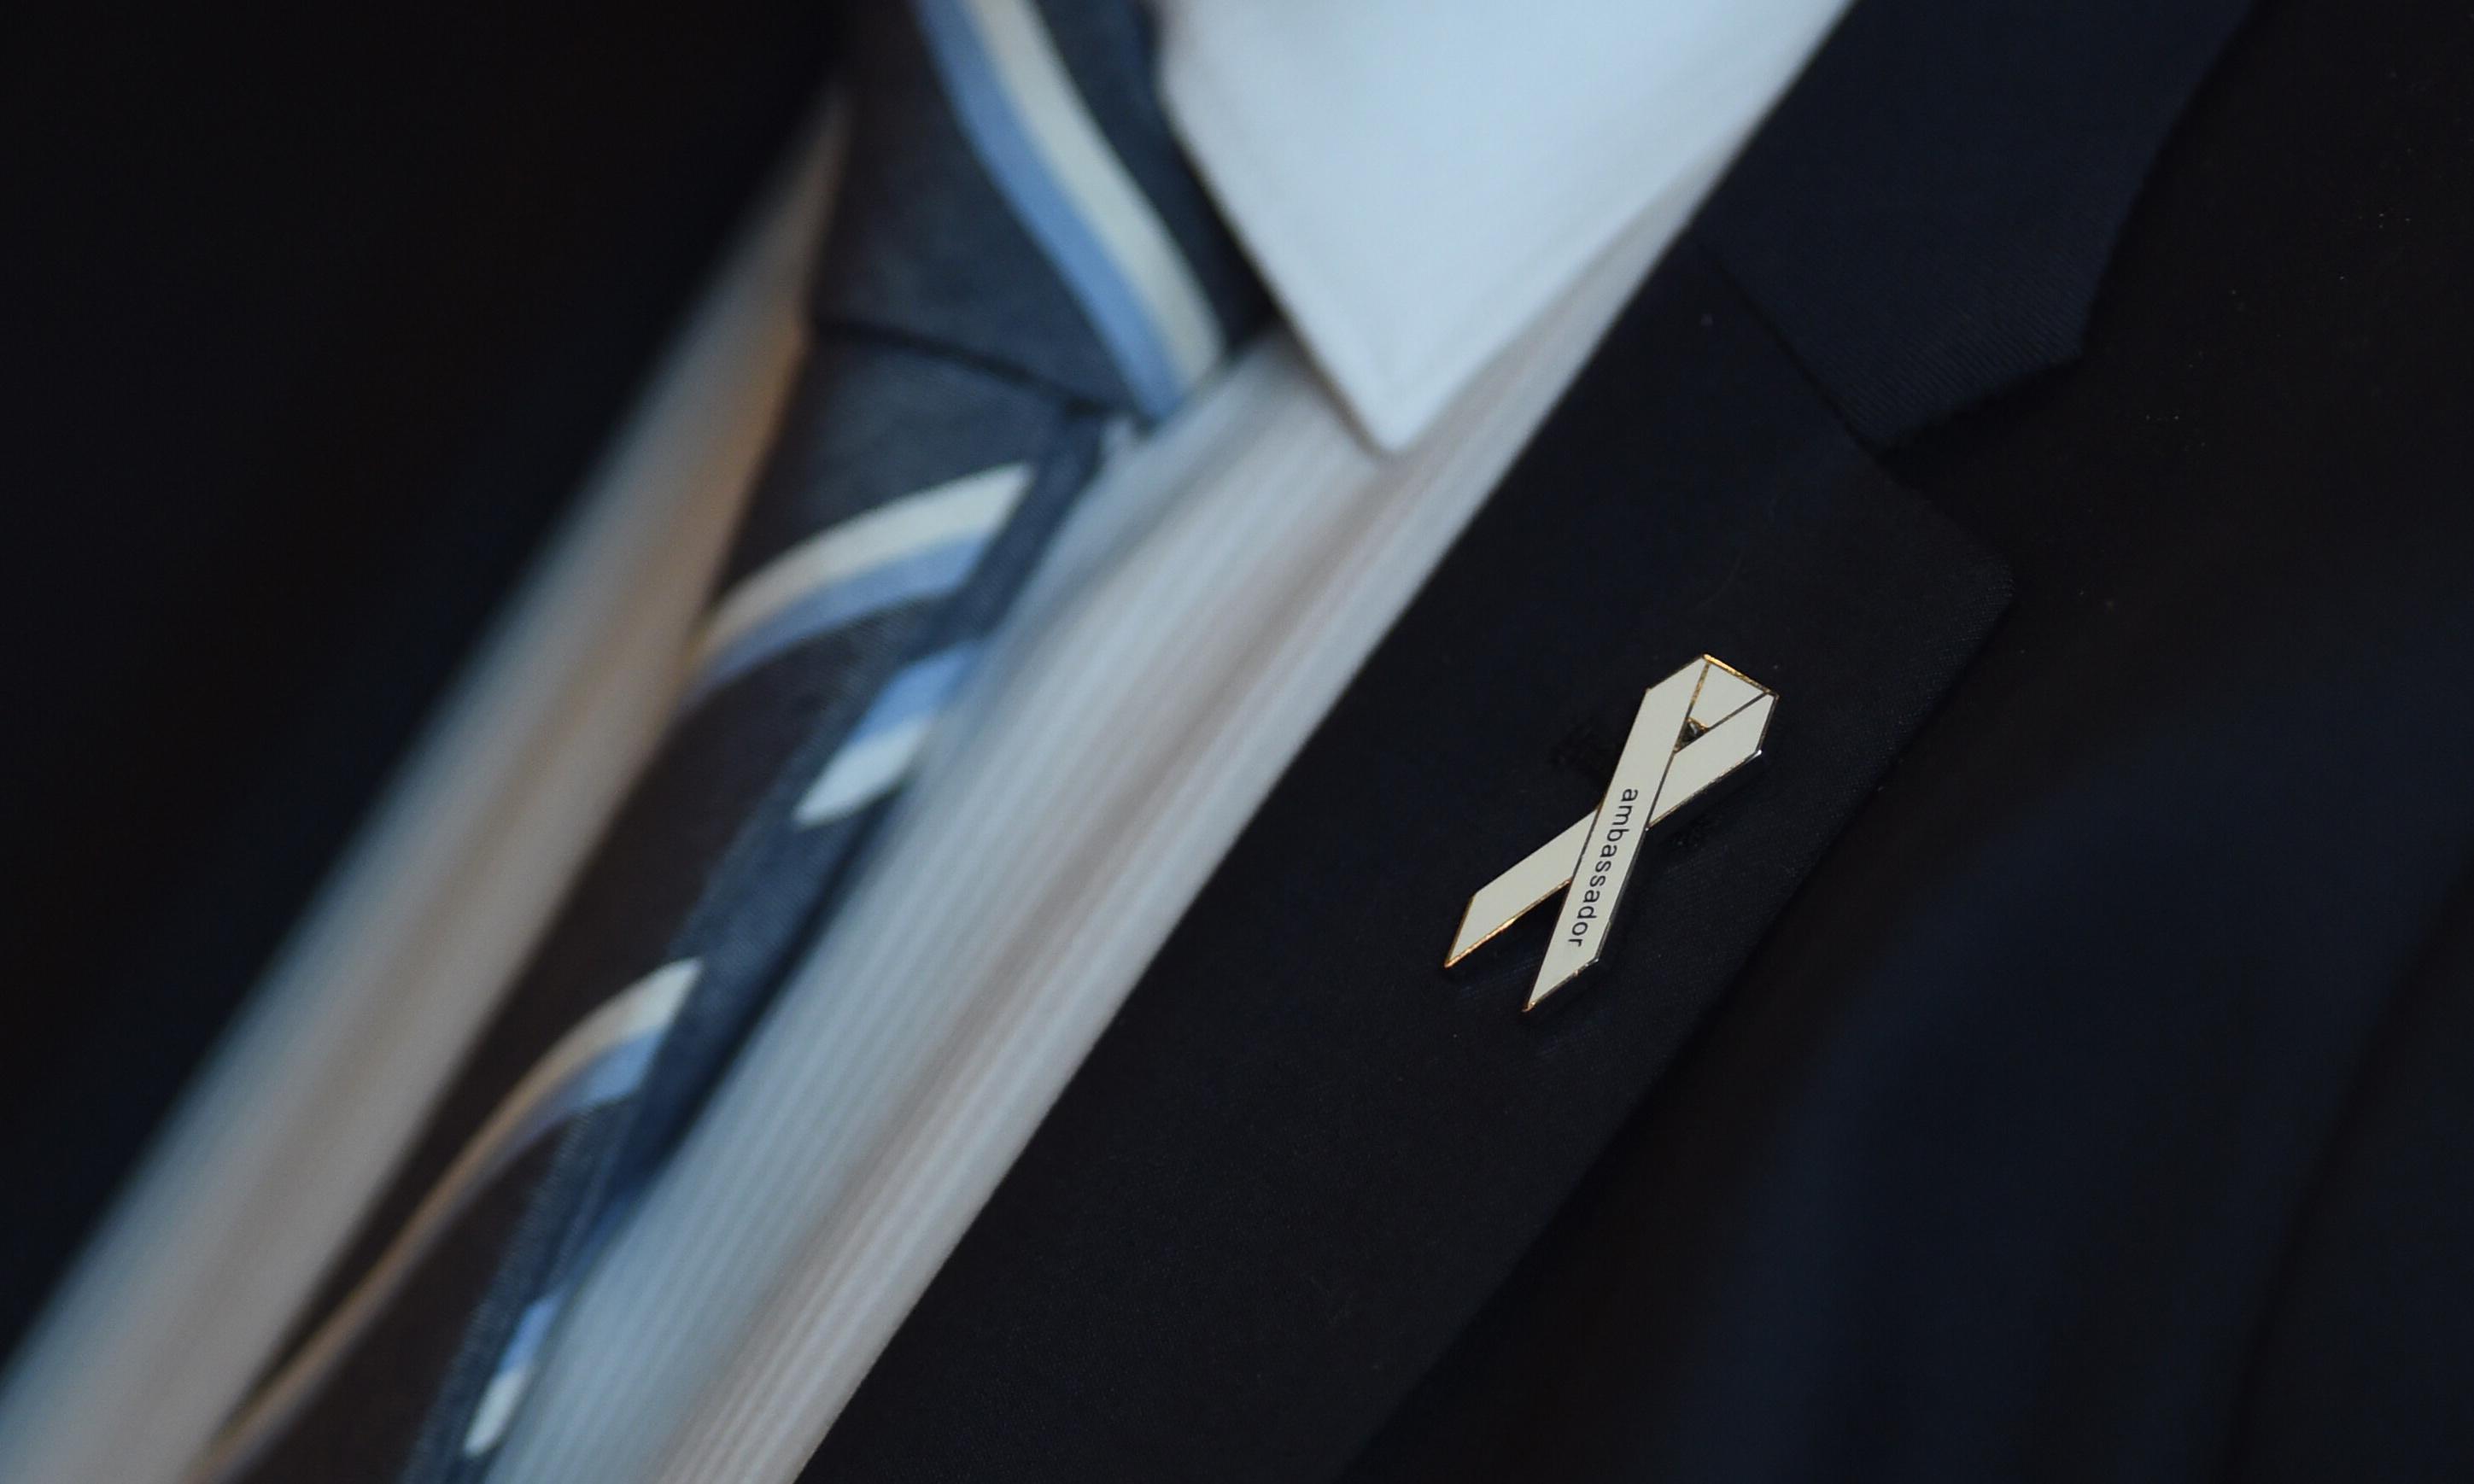 Anti-domestic violence charity White Ribbon Australia shuts down